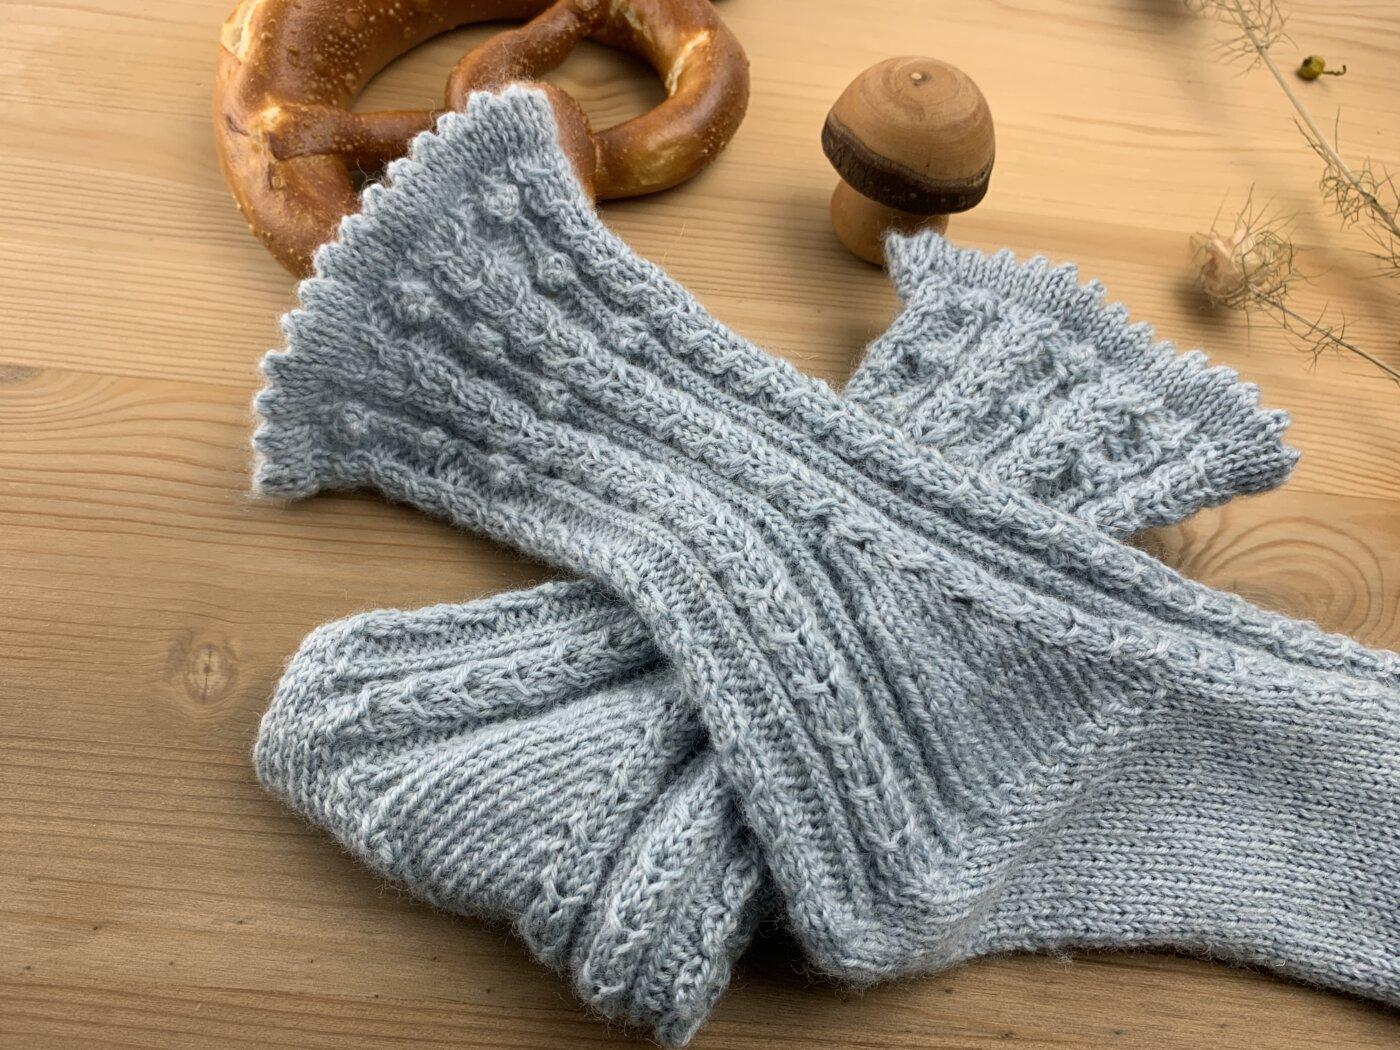 Mausezähnchen stricken - ein Sockenbeispiel